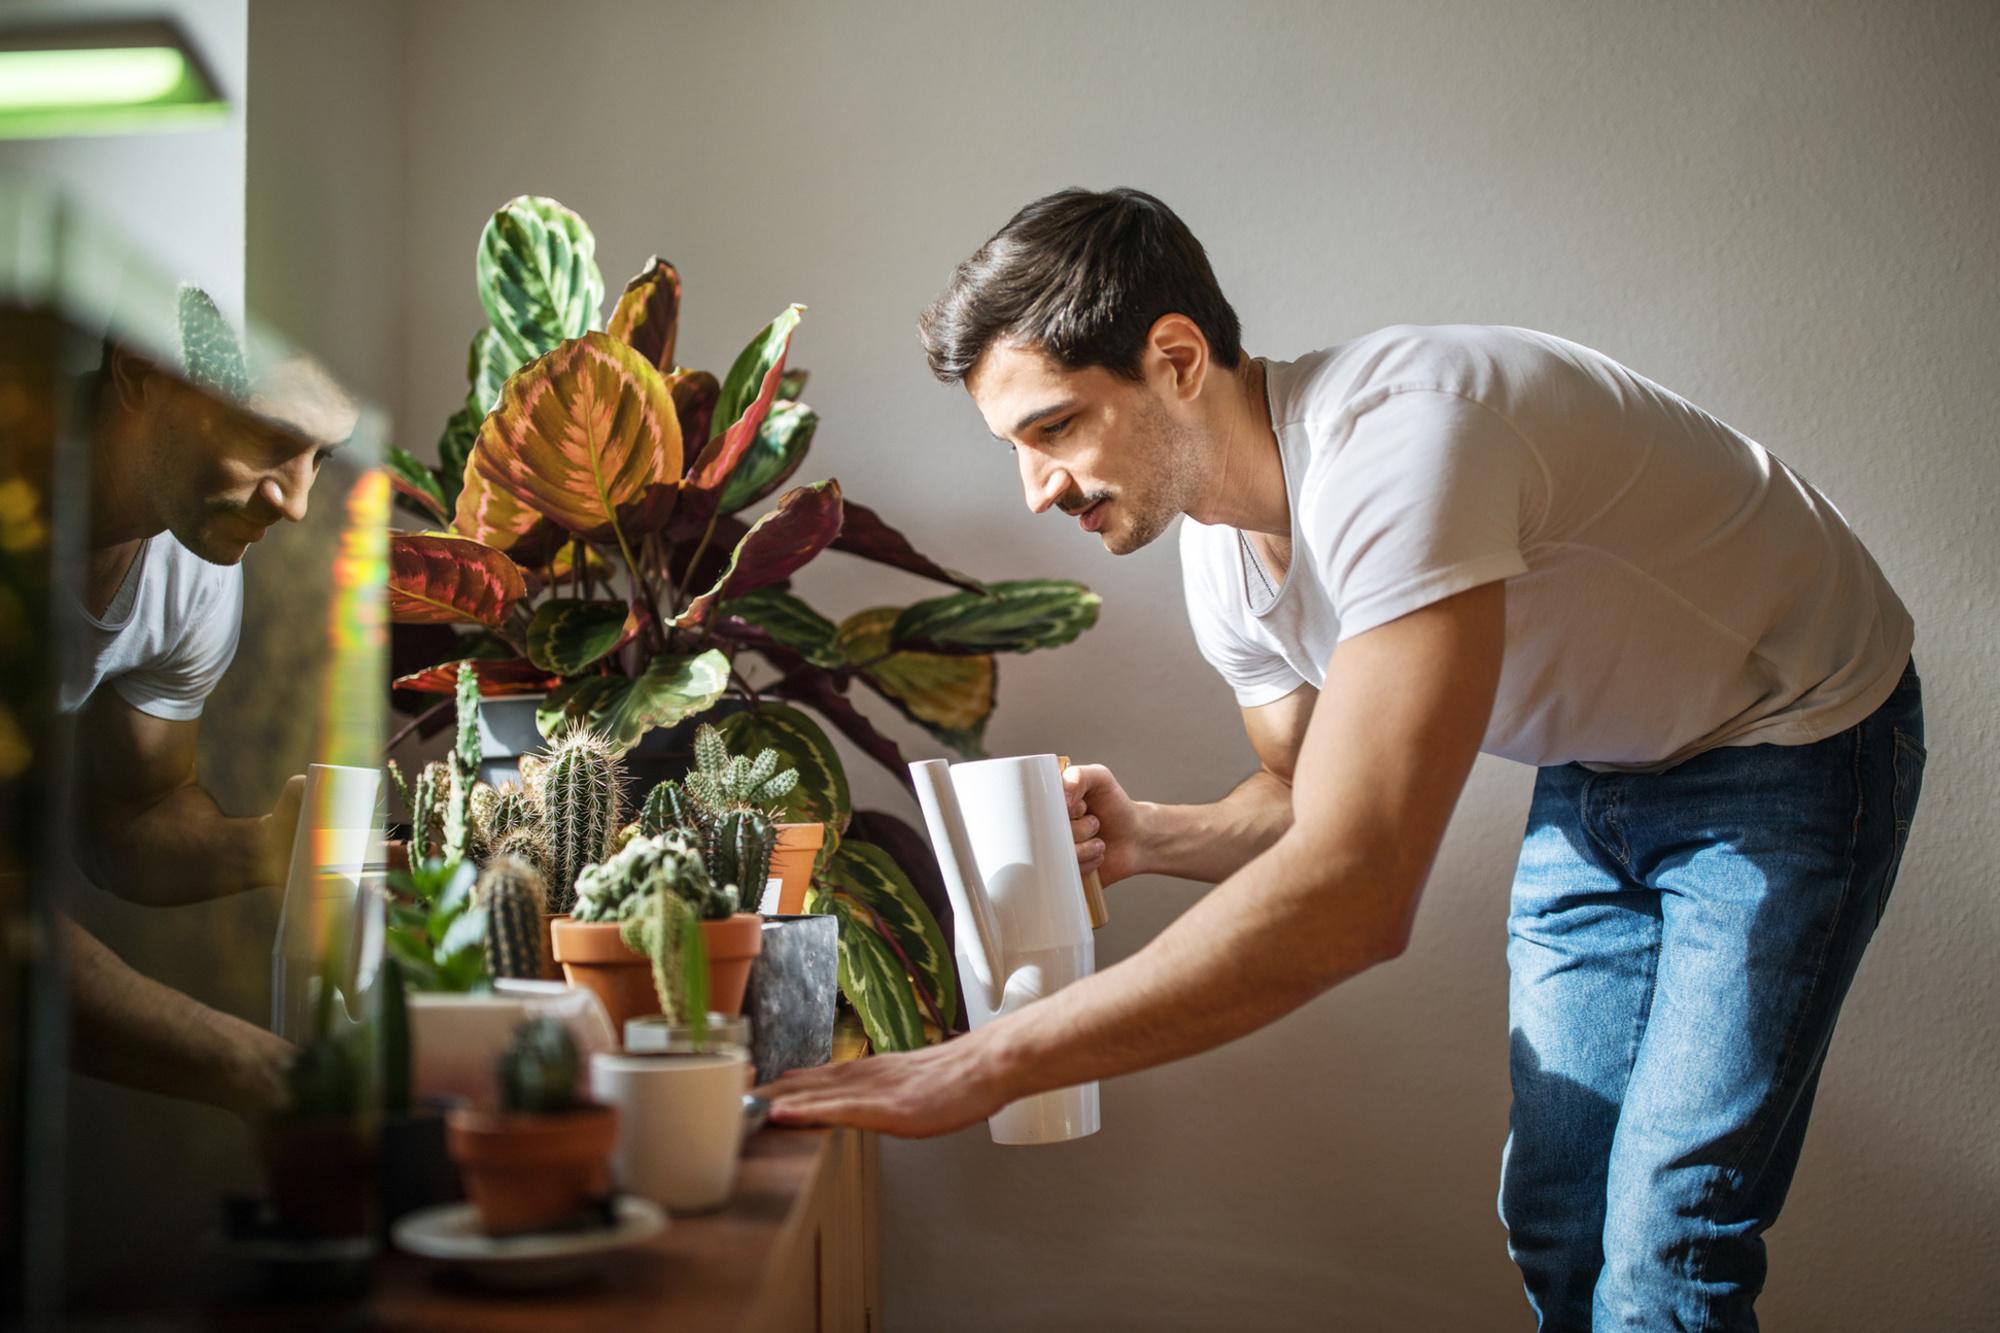 Je kan heus meer doen thuis dan enkel de planten zien groeien. , Getty